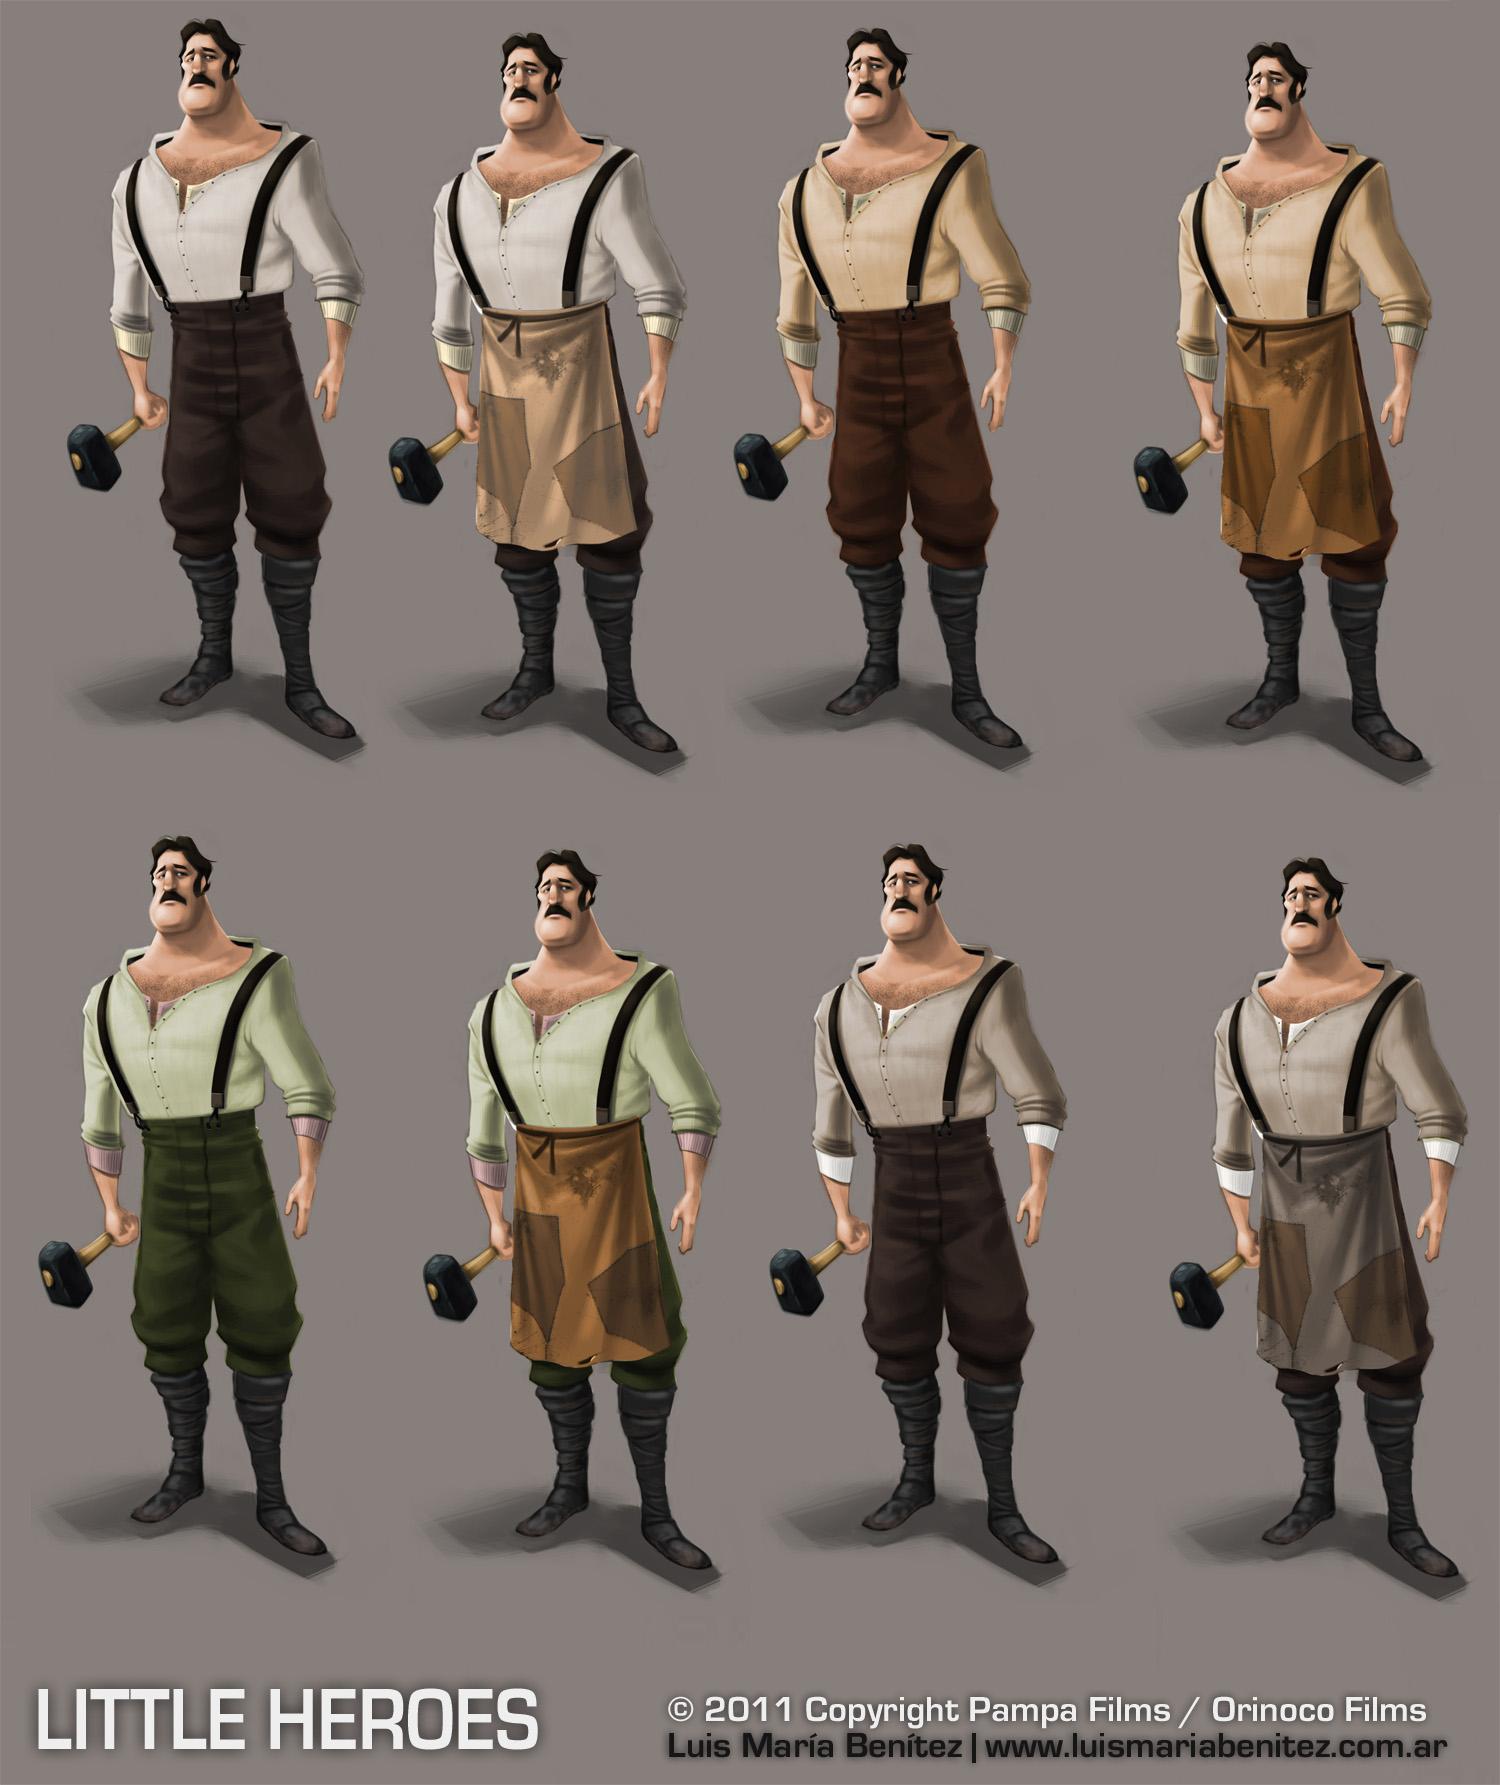 character color variation for Little Heroes / Variación de colores en personajes © Luis María Benítez